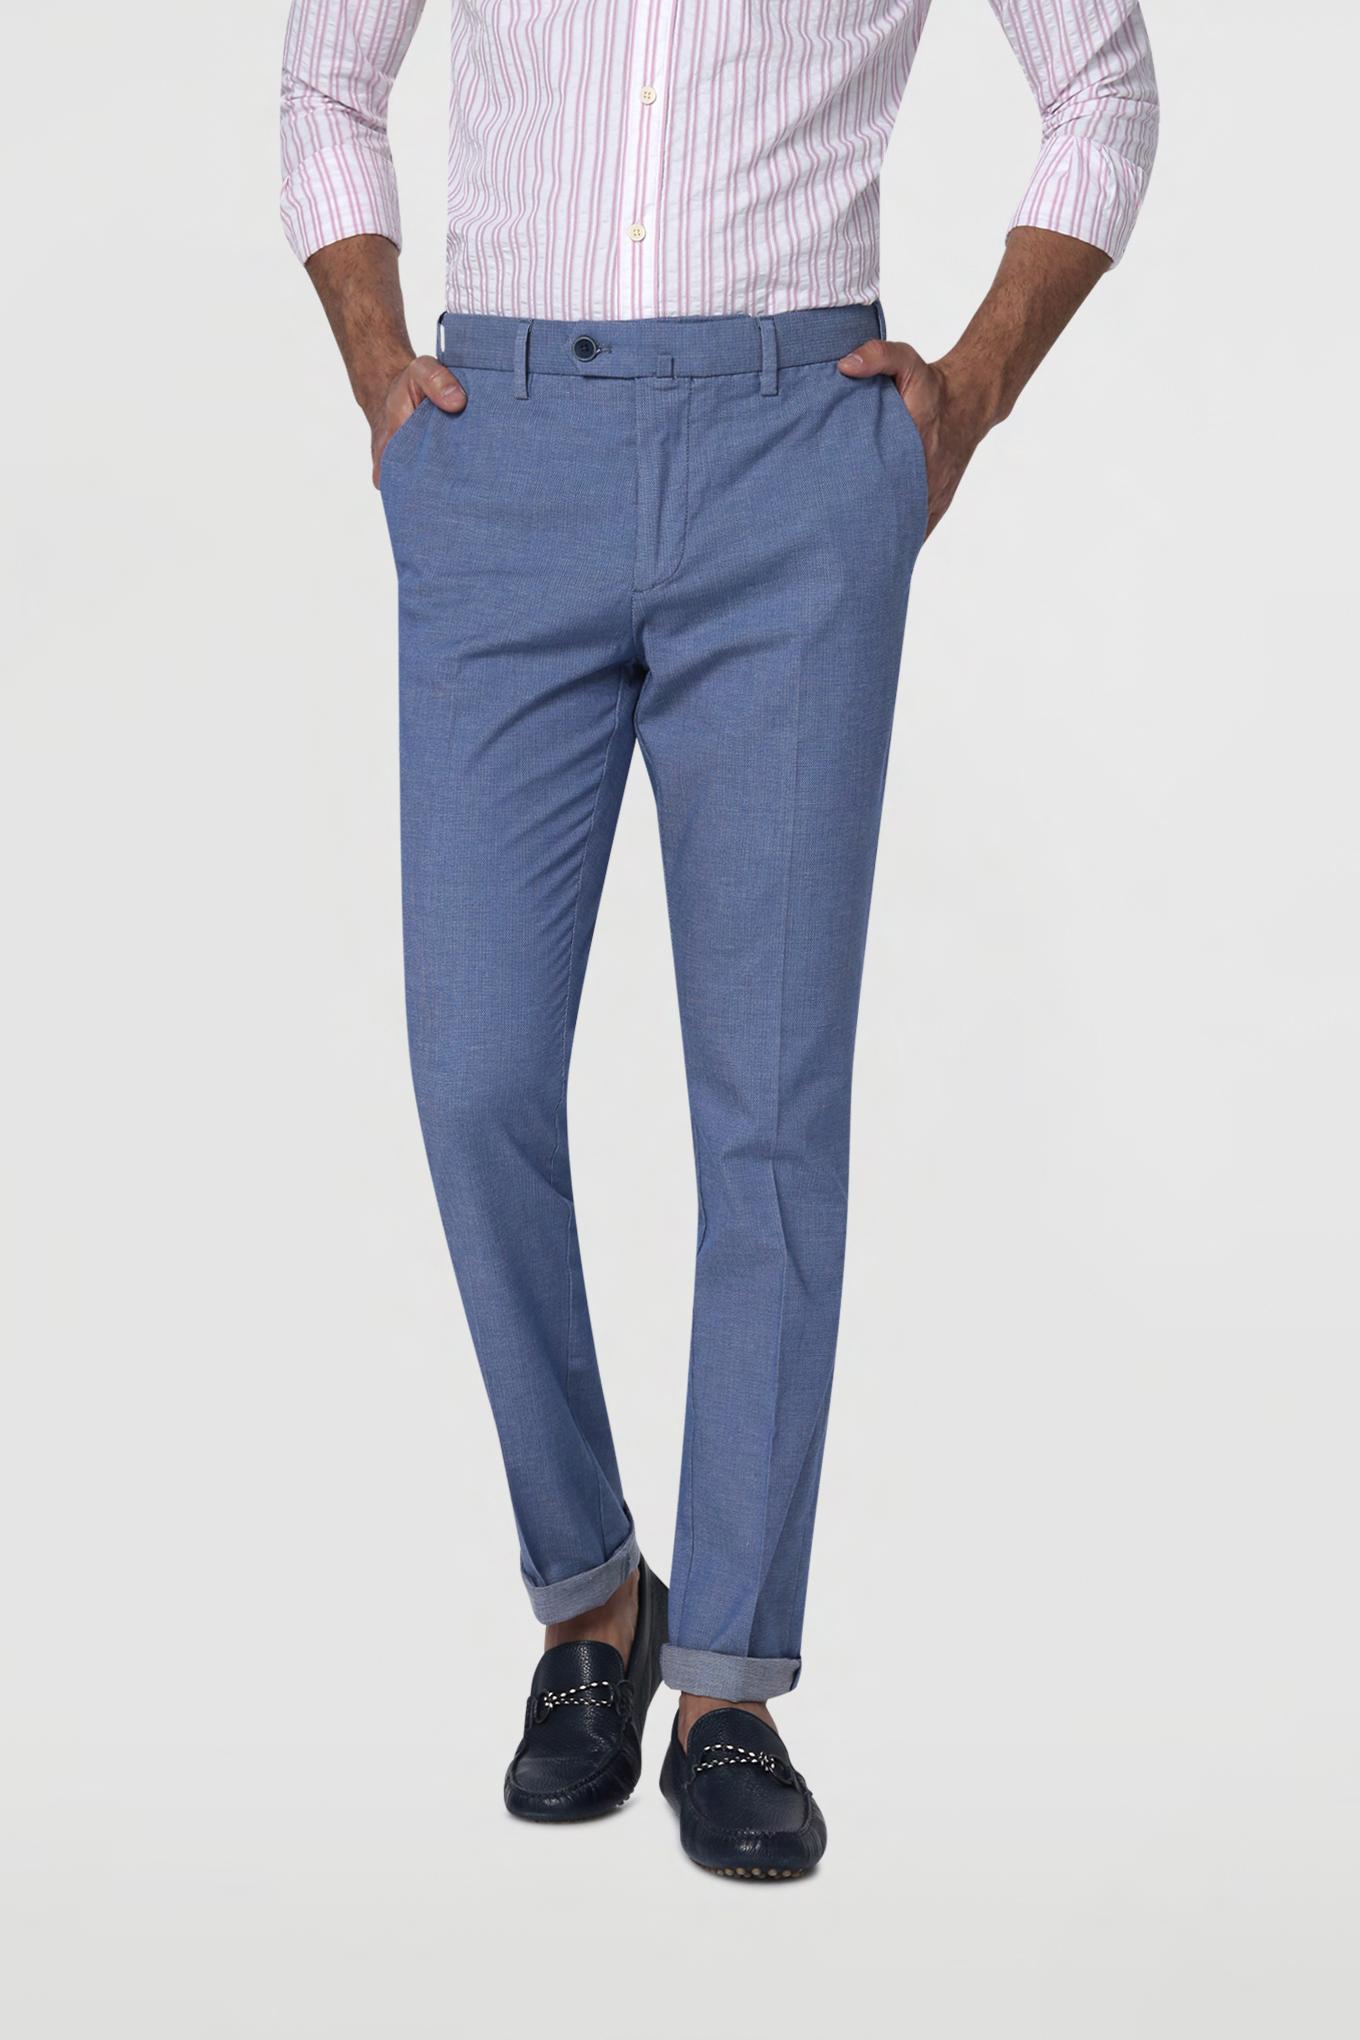 Calças Chino Azul Claro Casual Homem